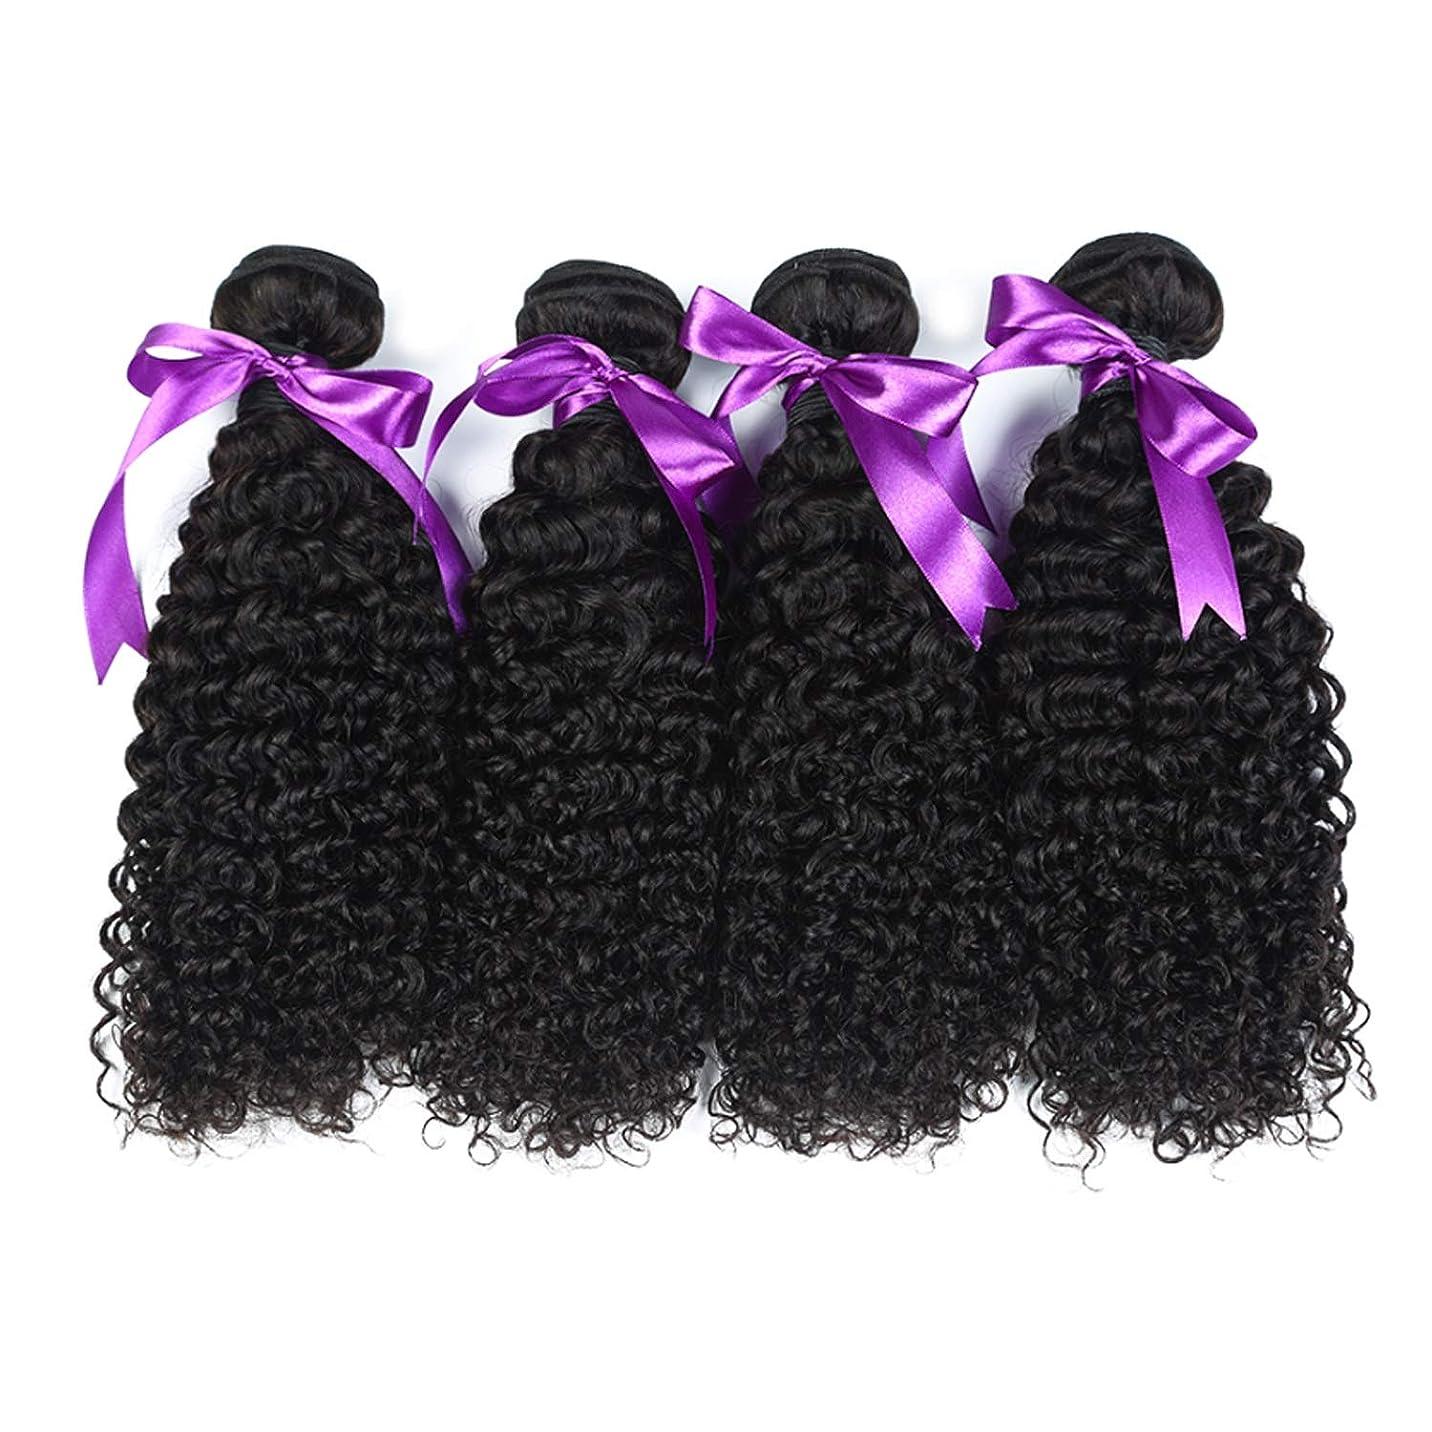 雇用ガラス私たちのかつら マレーシアの巻き毛の束8-28インチ100%の人間の毛髪は、Remyの毛のナチュラルカラー4個の巻き毛の束を織ります (Stretched Length : 16 16 16 16)